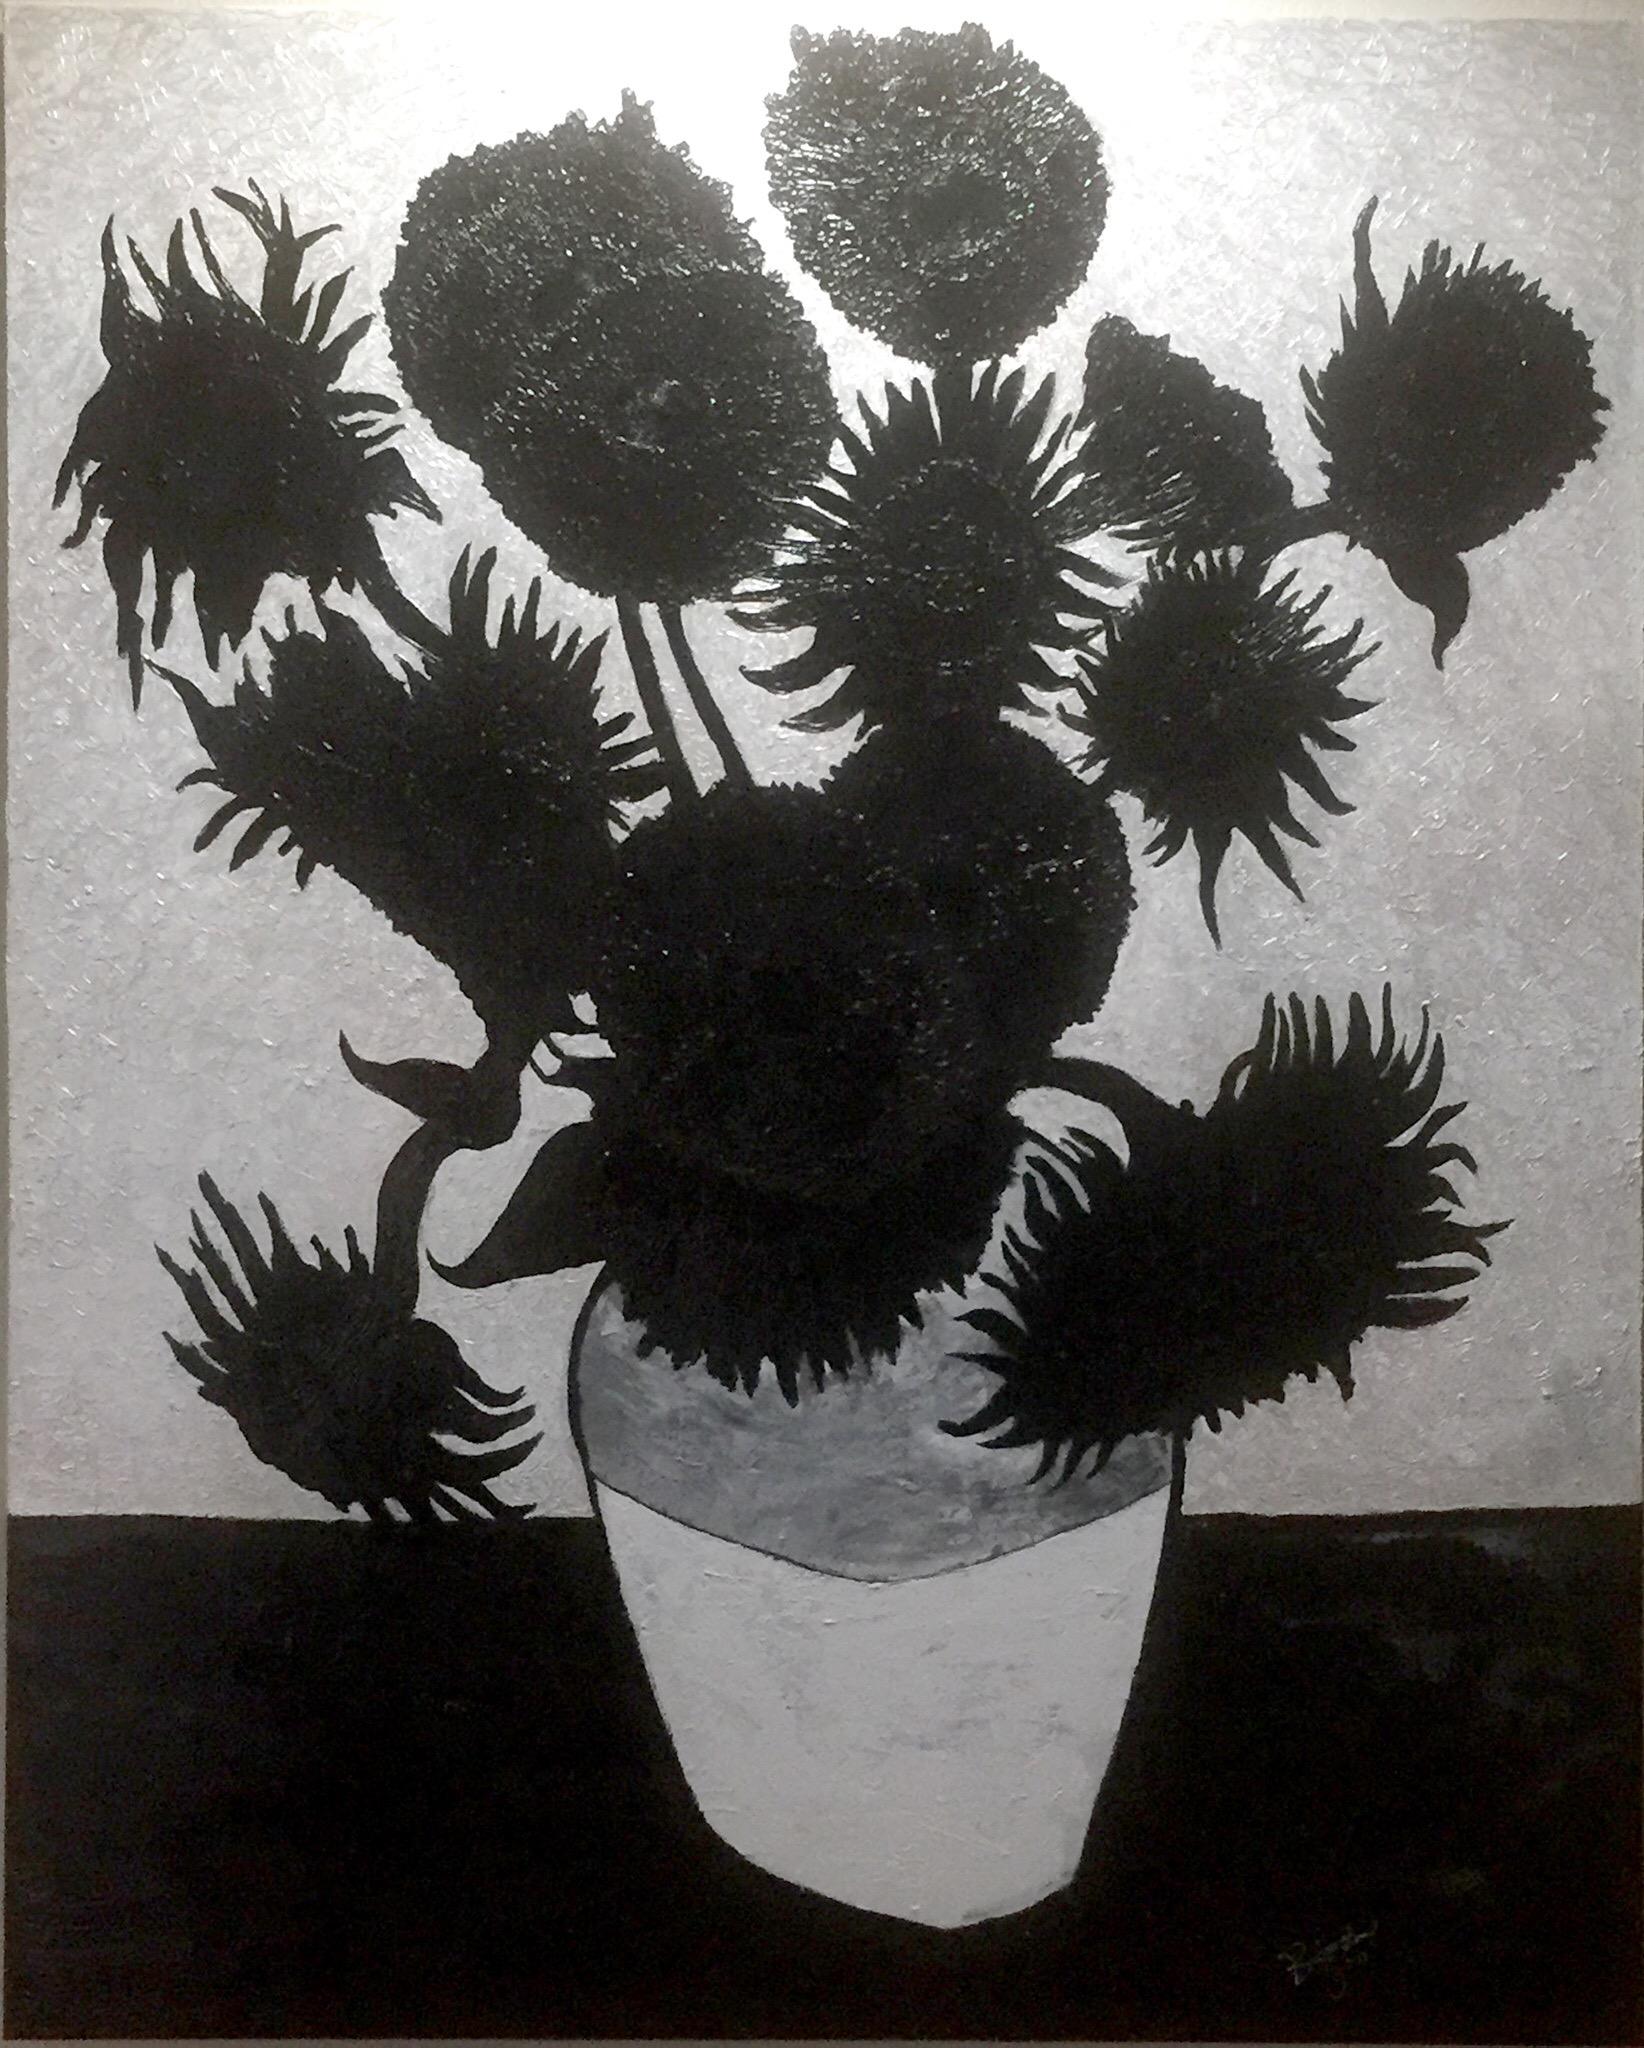 brent jones art, brent jones, denver art, acrylic art, contemporary art, local art, brent jones denver, figure art, figure painting, black and white, van gogh, sunflowers, van gogh sunflowers, contemporary art